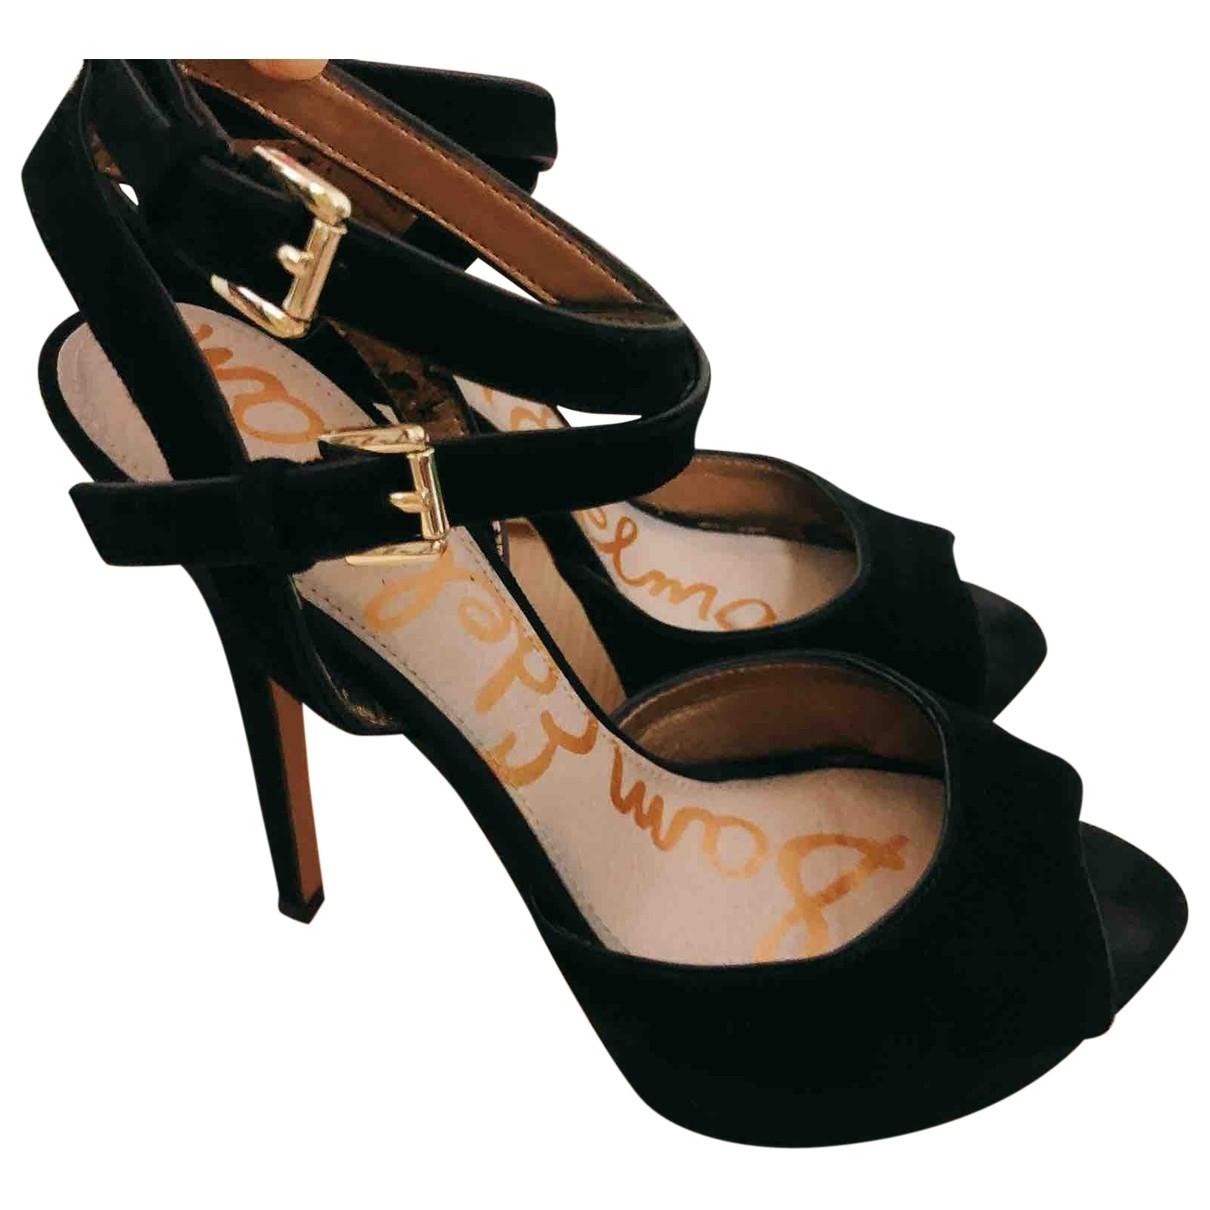 Sam Edelman \N Black Suede Heels for Women 6 US